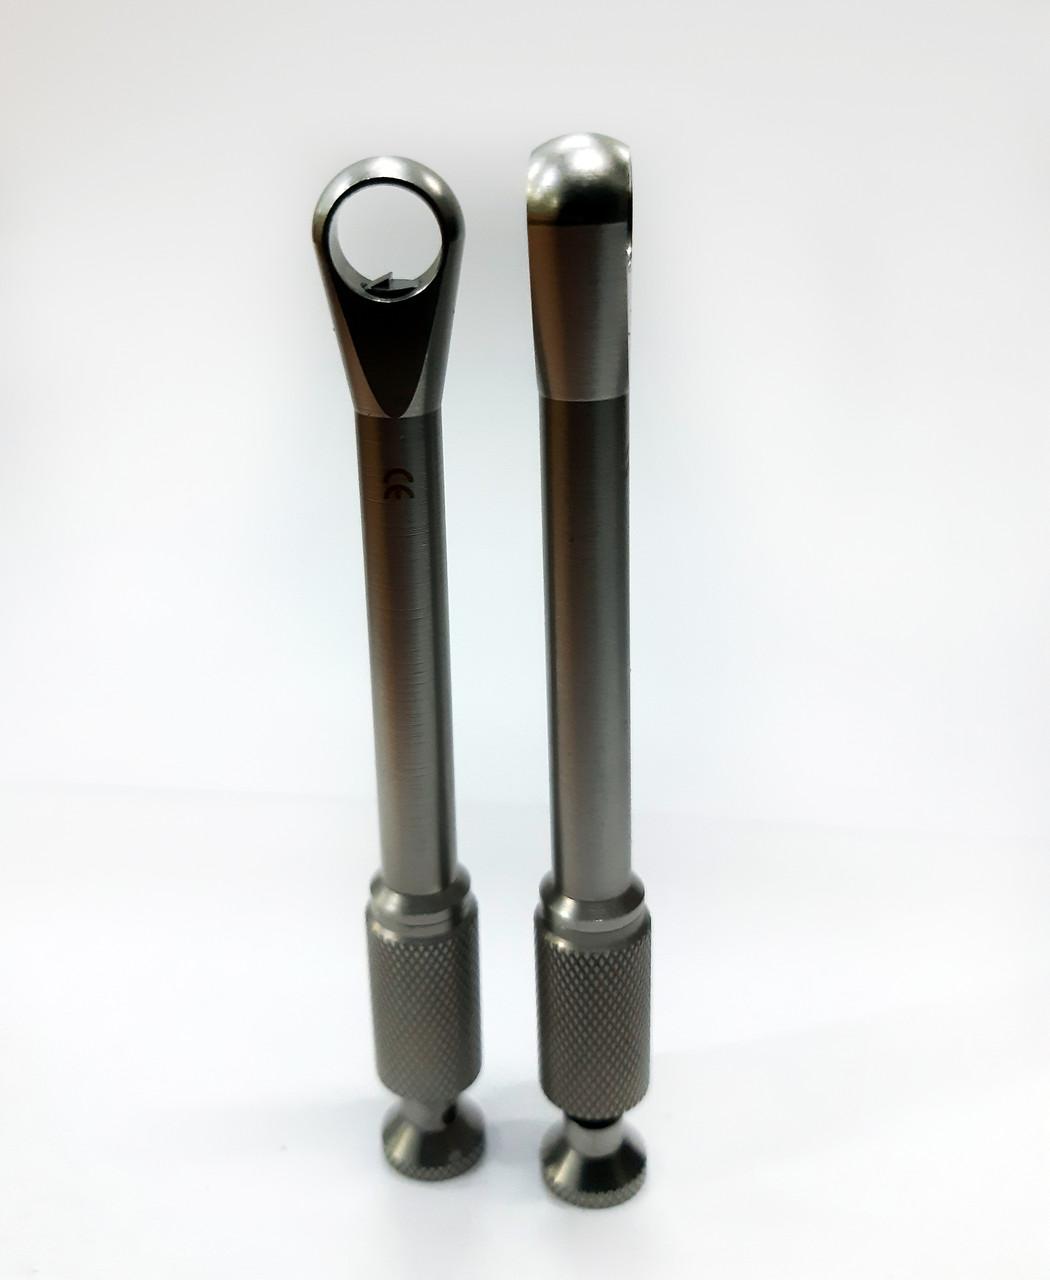 Динамометрический ключ, Ключ-трещотка для имплантации, фото 1